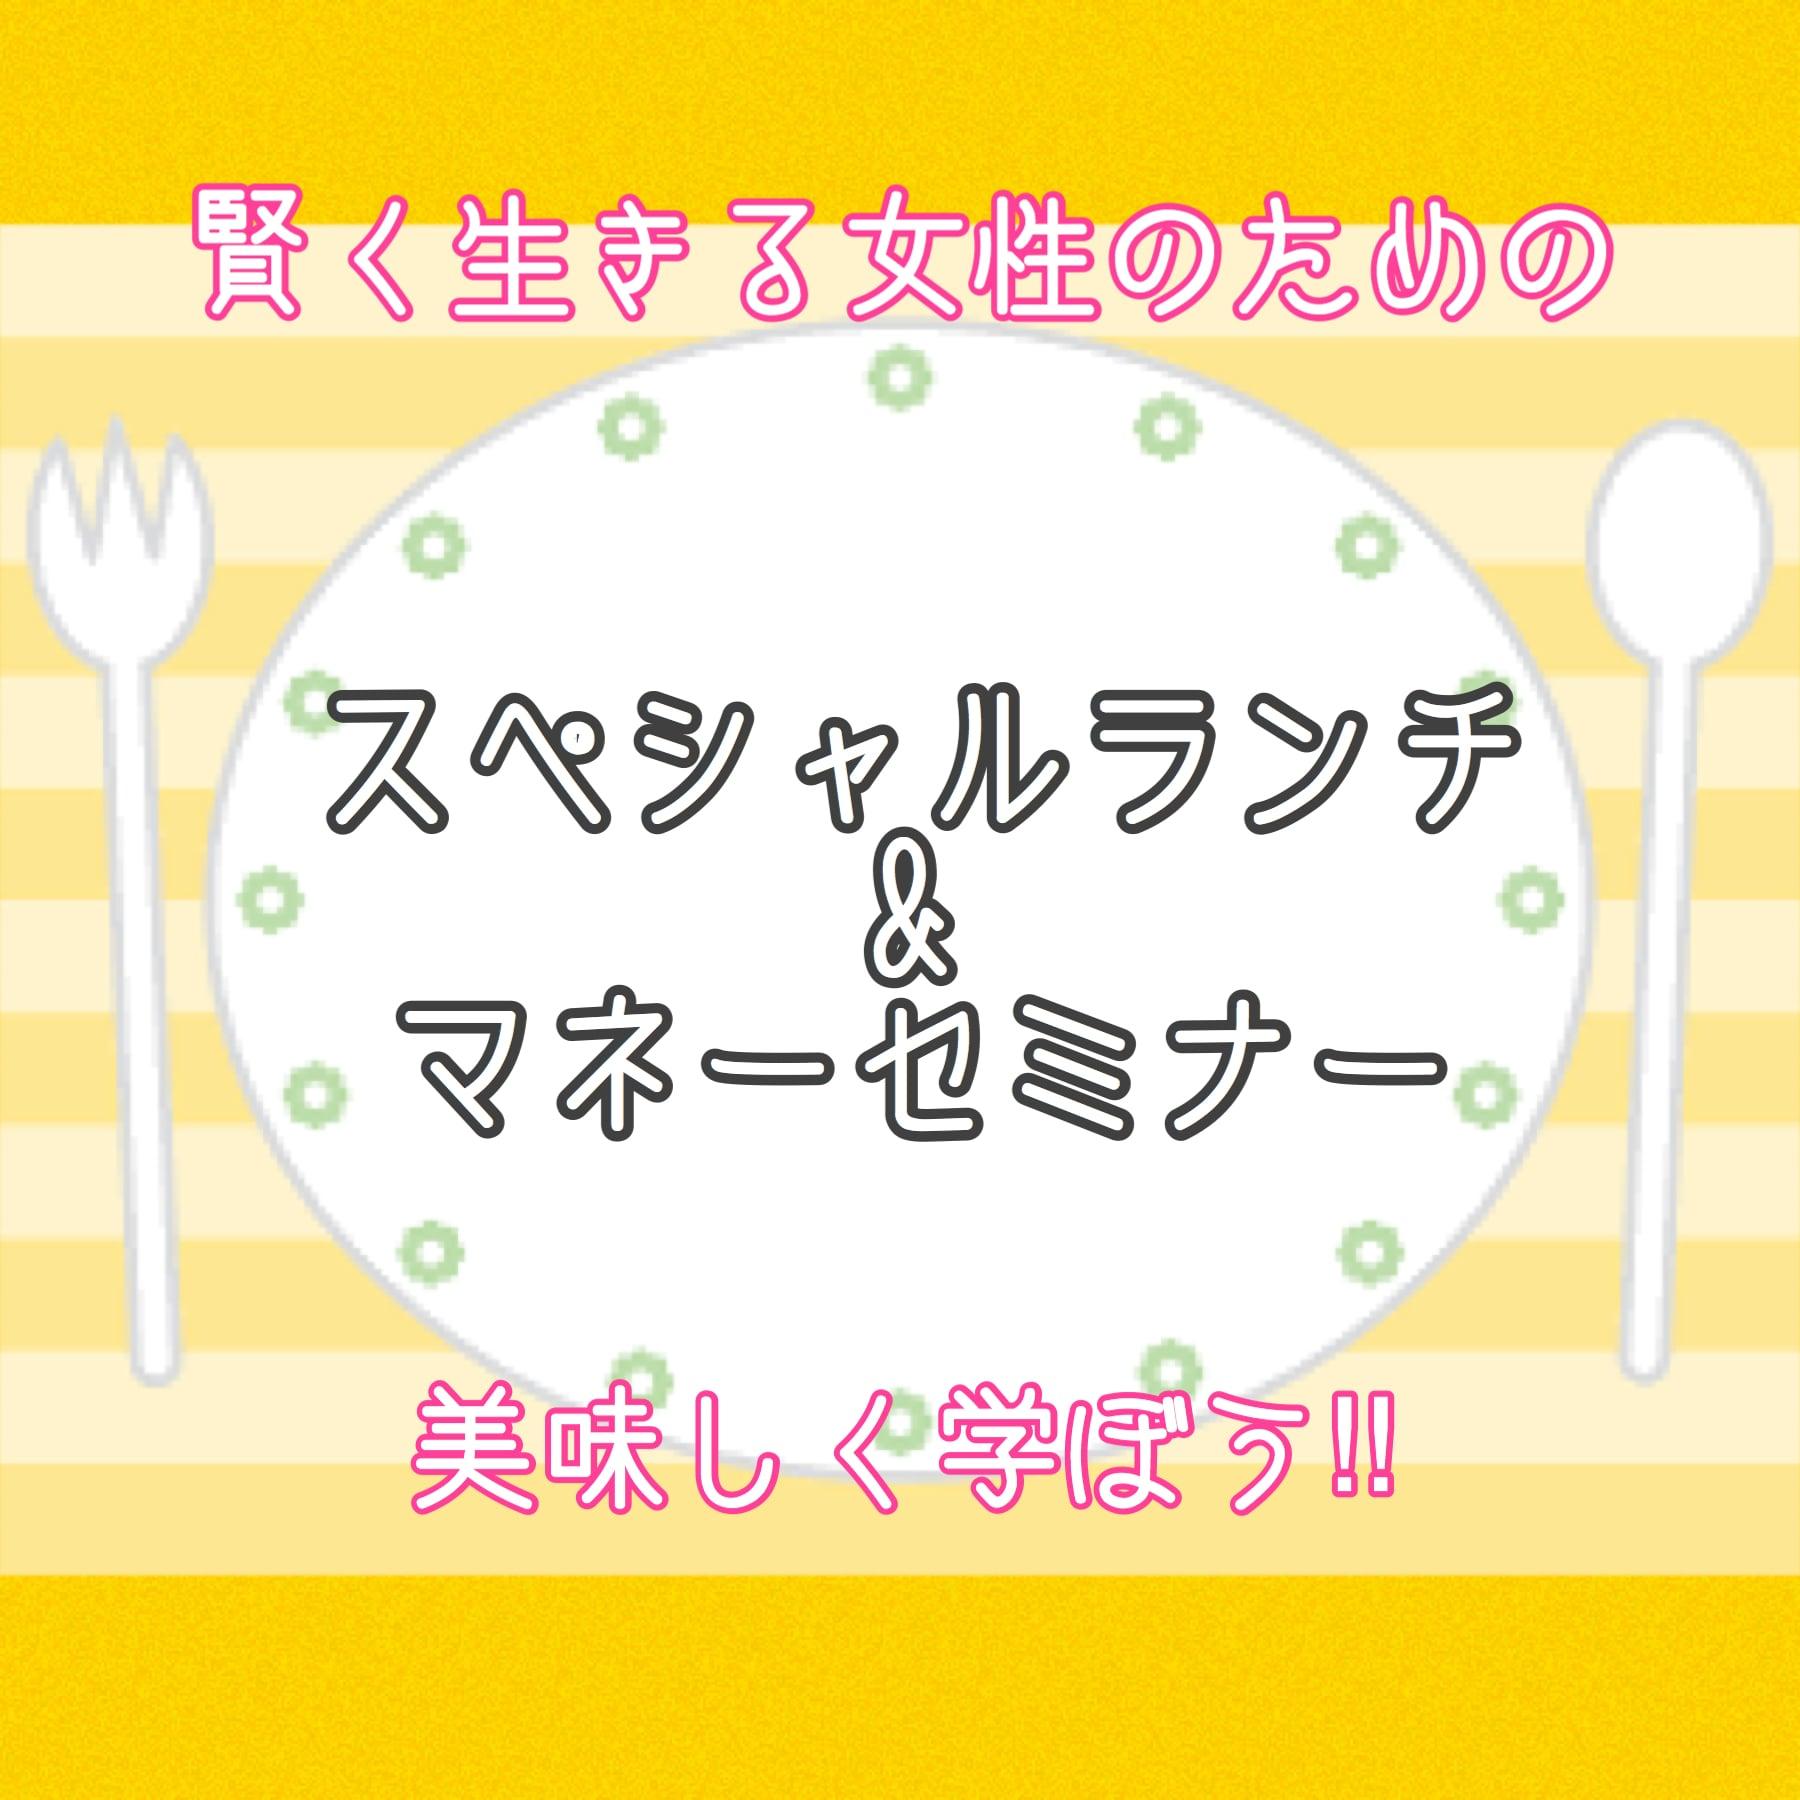 3月12日(木)スペシャルランチ&マネーセミナー【数量限定】のイメージその1